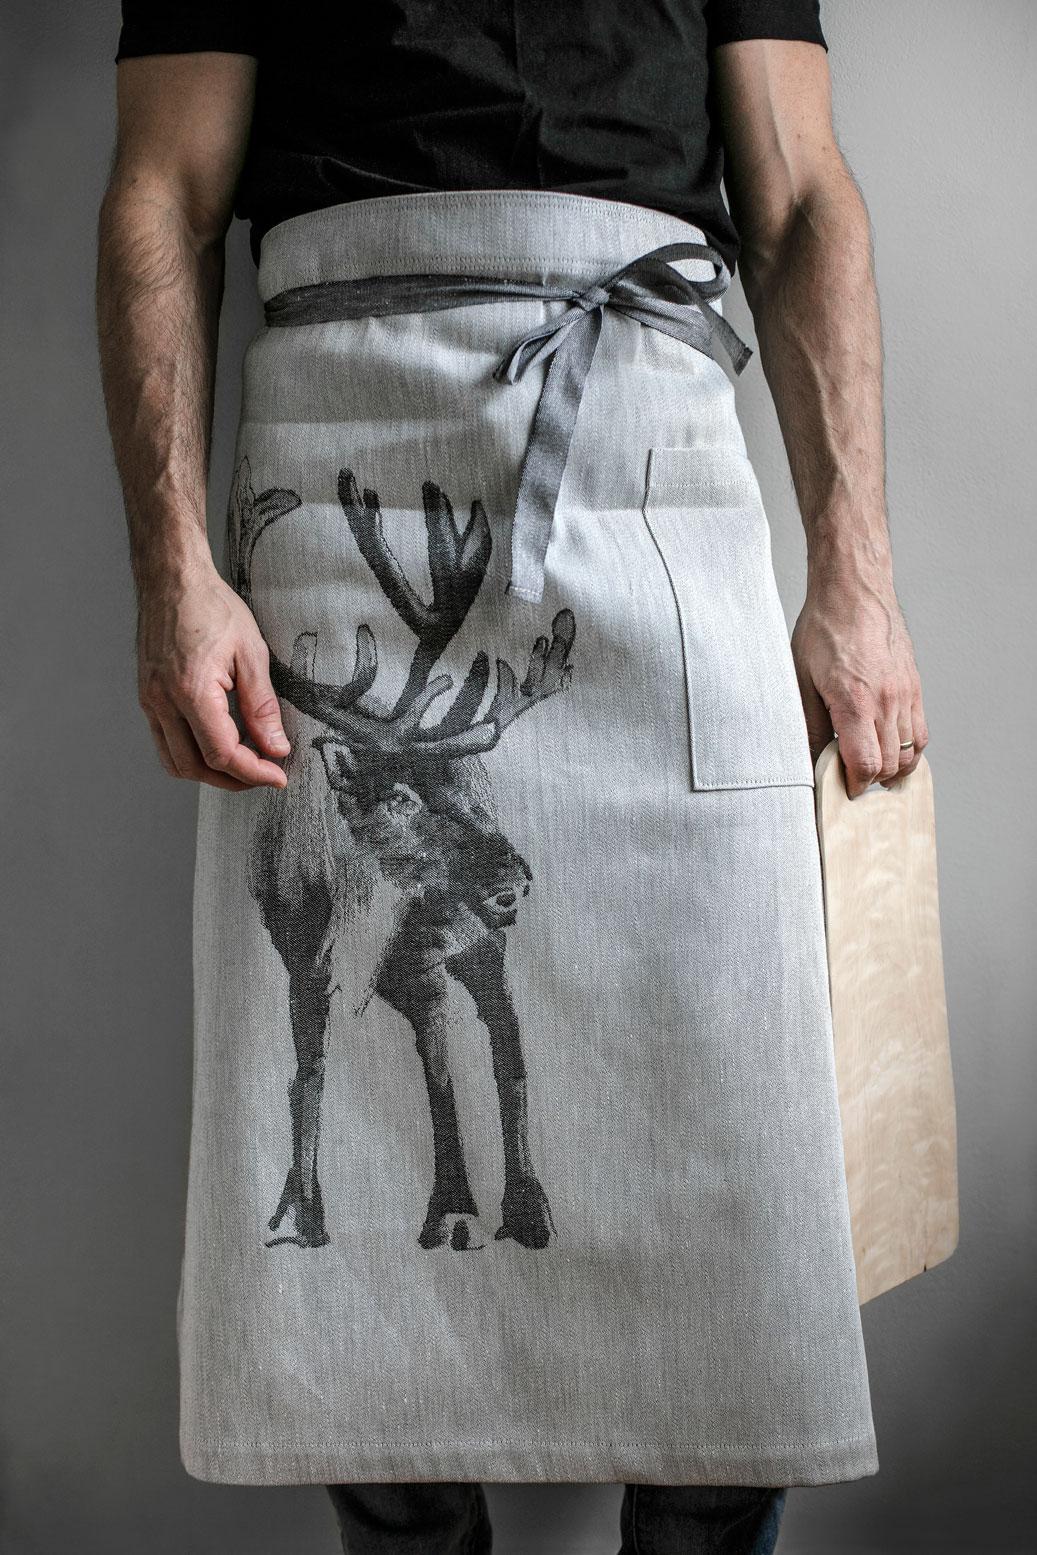 apron-apron-lapuan-kankurit-reindeer-Teemu-Jarvi